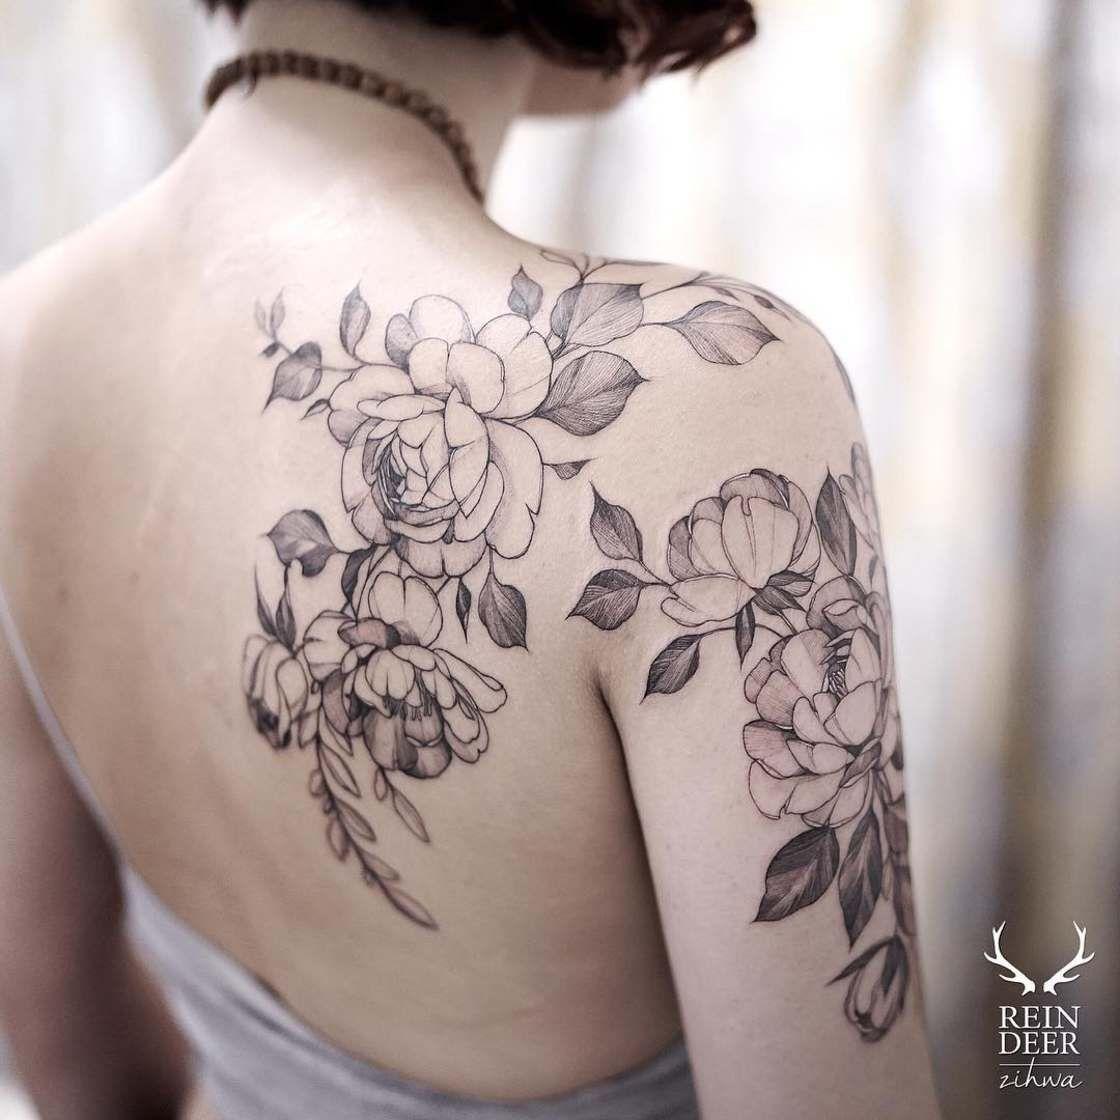 Tatouage femme discret omoplate galerie tatouage for Non ducor duco tattoos designs